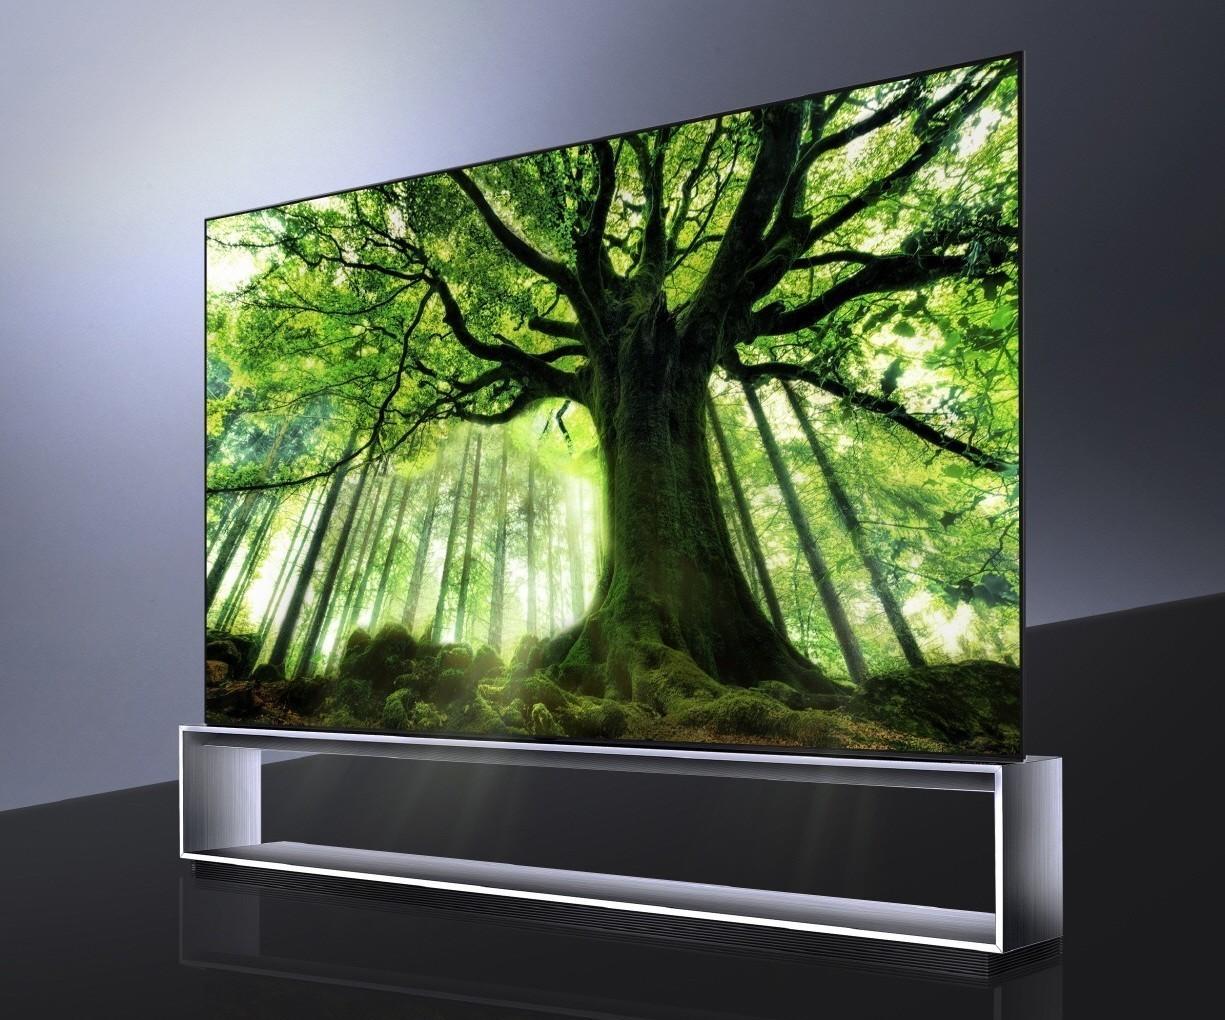 La era del 8k a llegado conoce el nuevo televisor de LG de 88 pulgadas